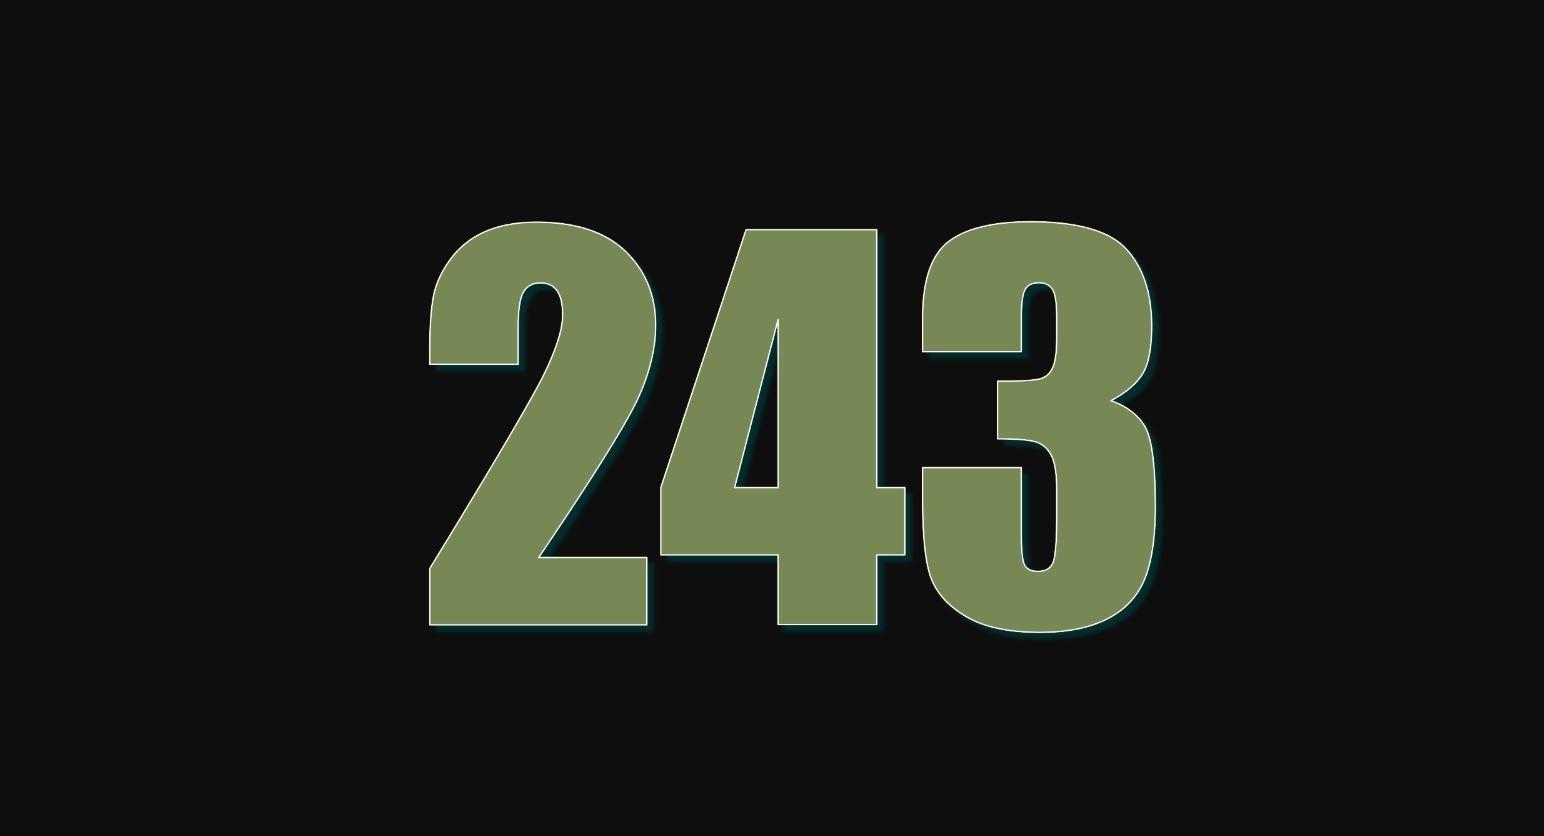 Die Bedeutung der Zahl 243